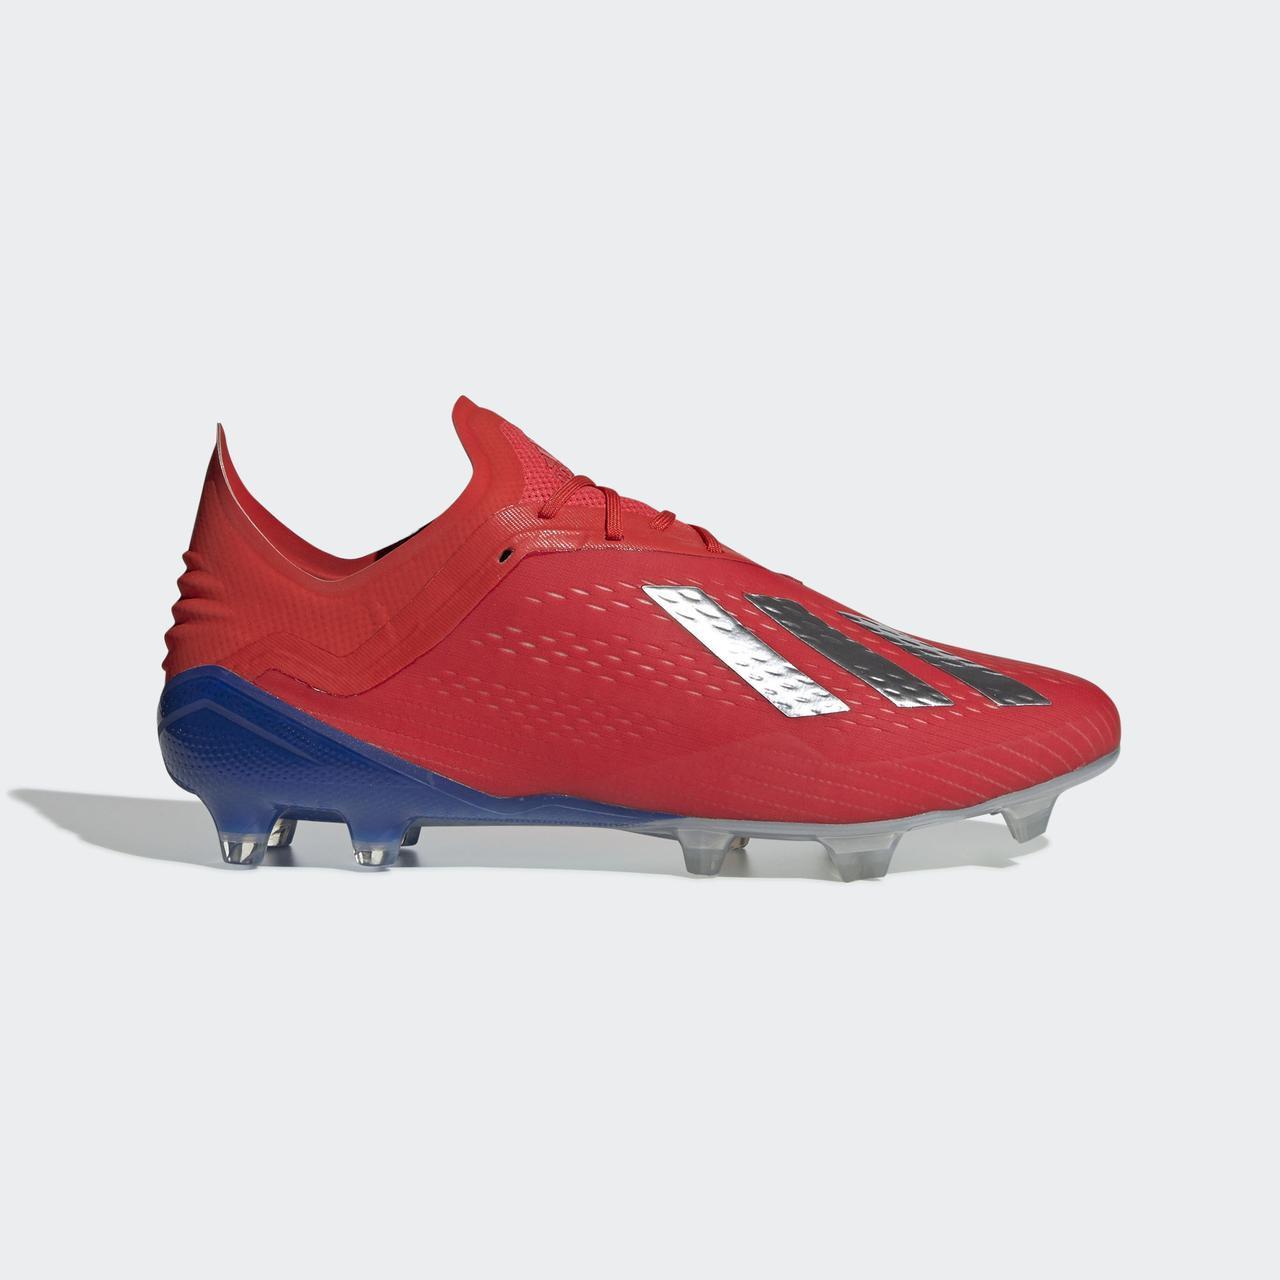 b20f57cc Футбольные бутсы Adidas X 18.1 FG BB9347 - 2019: продажа, цена в ...